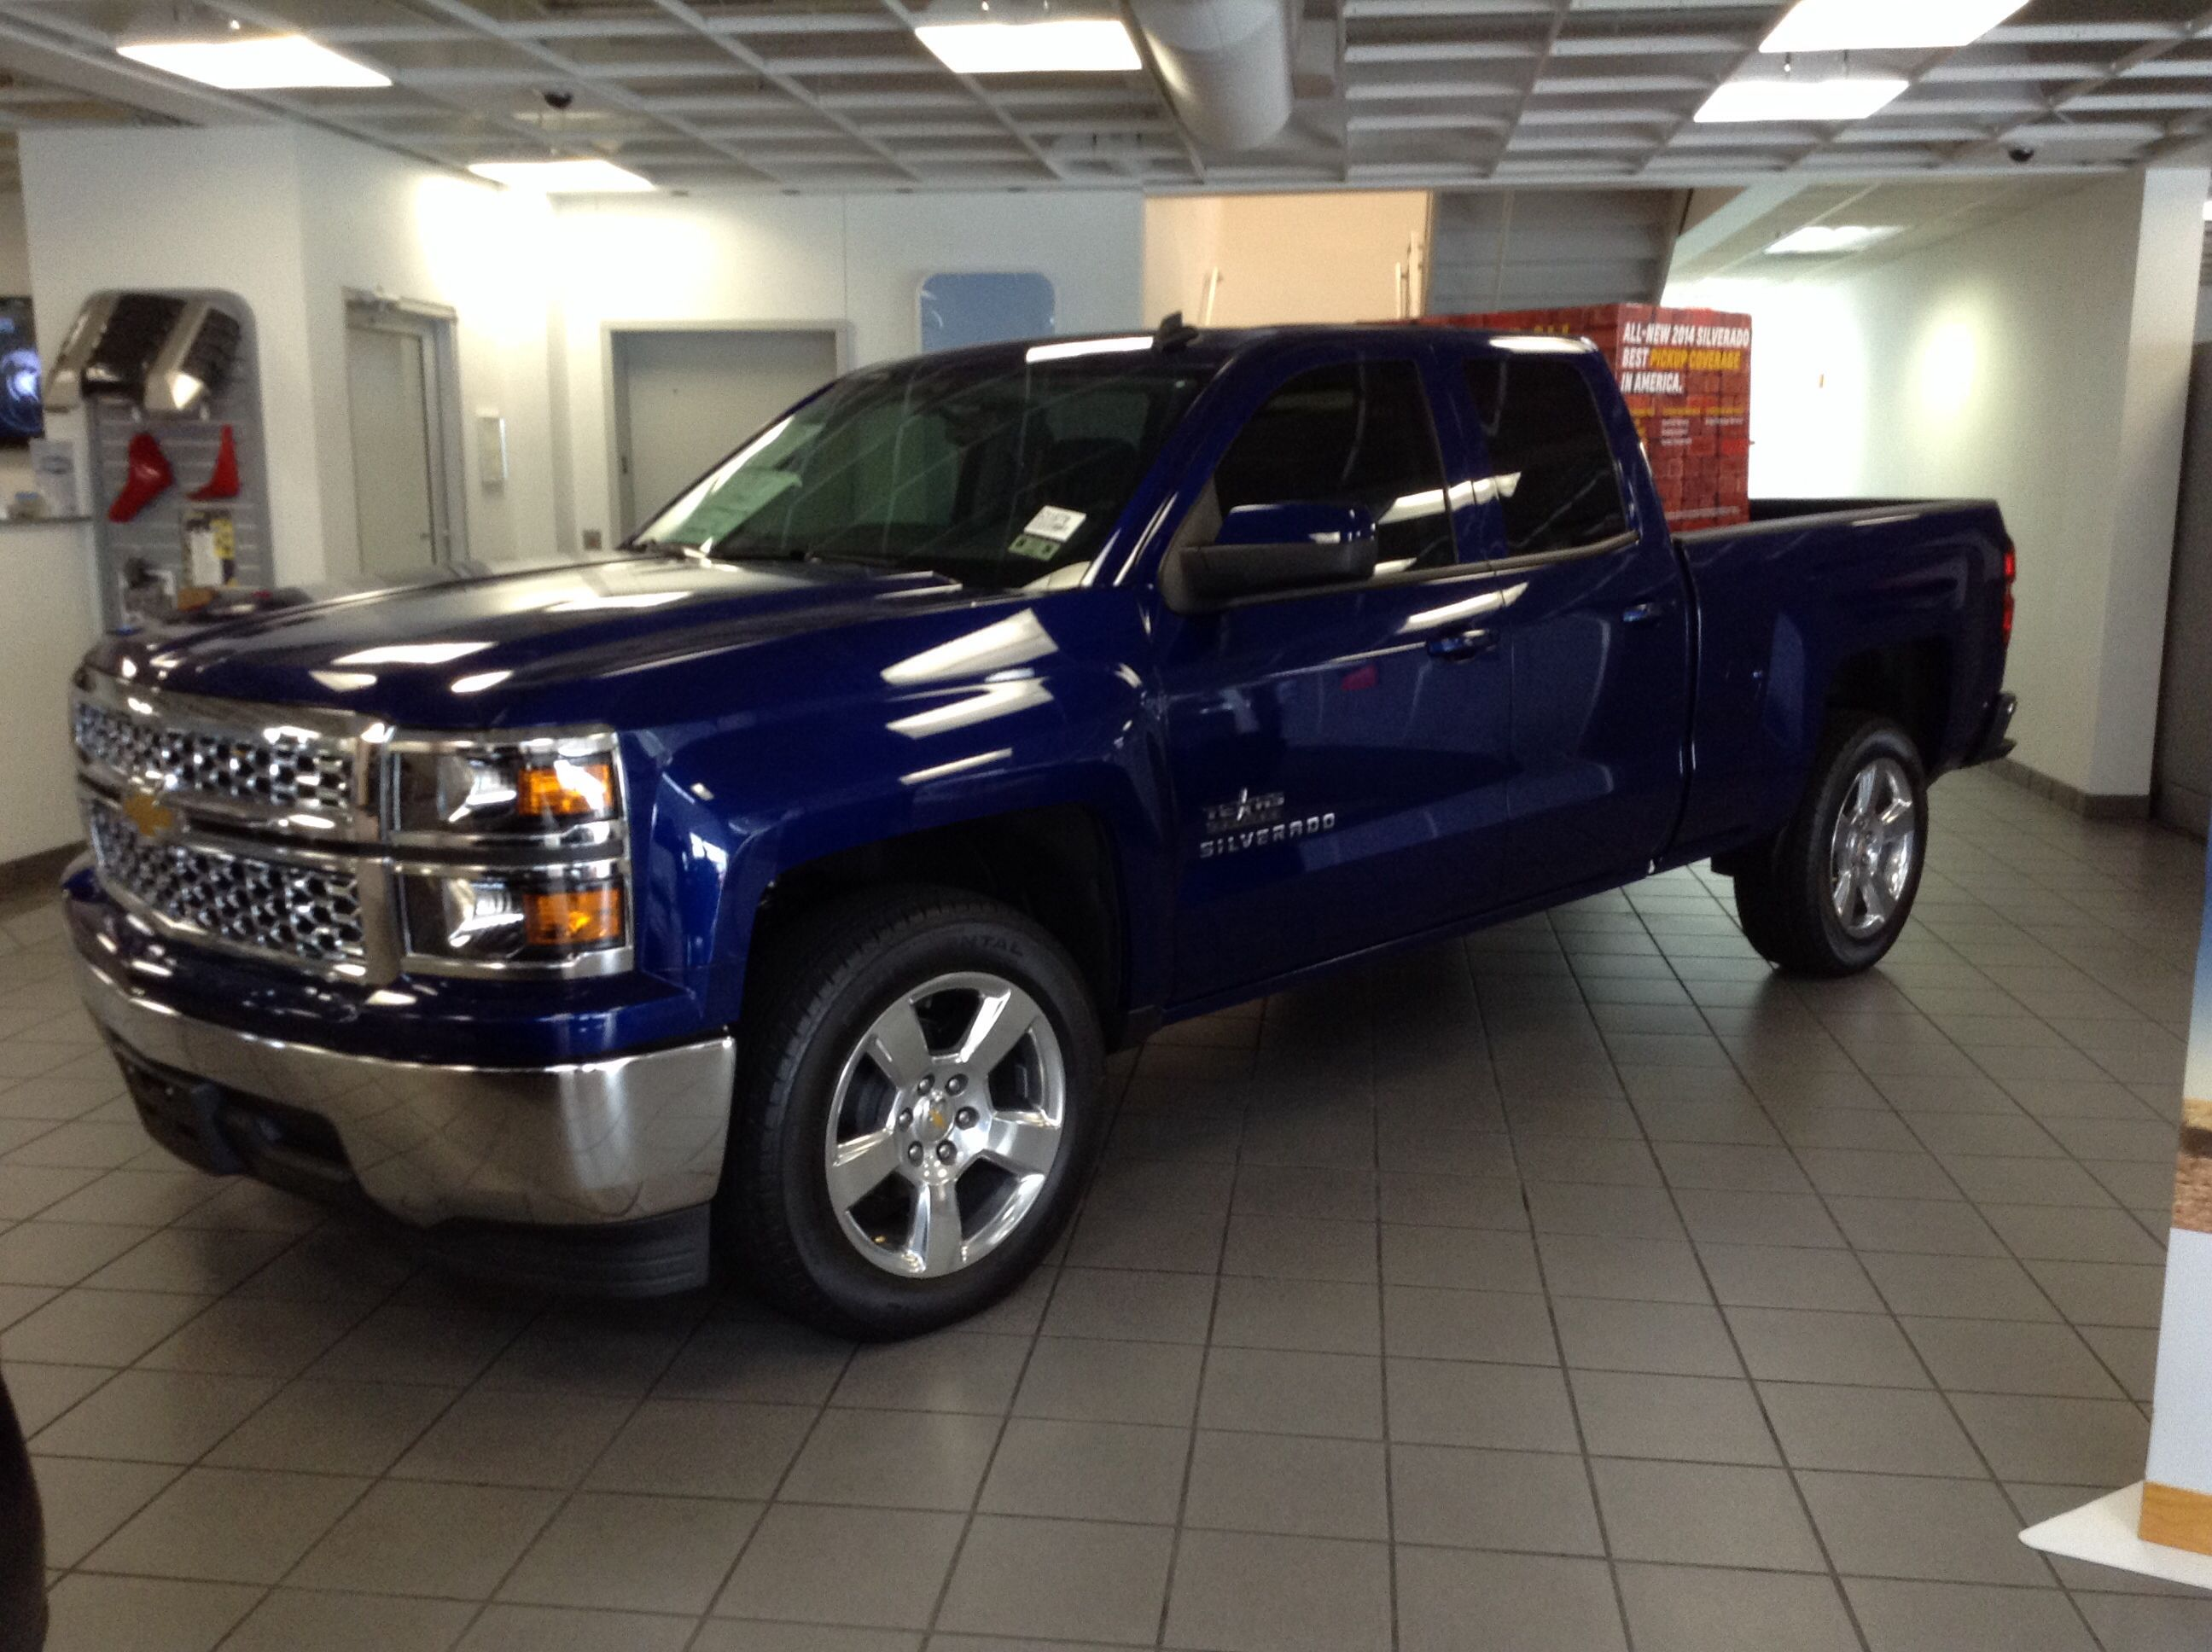 2014 Texas edition Silverado at Vandergriff Chevrolet in Arlington